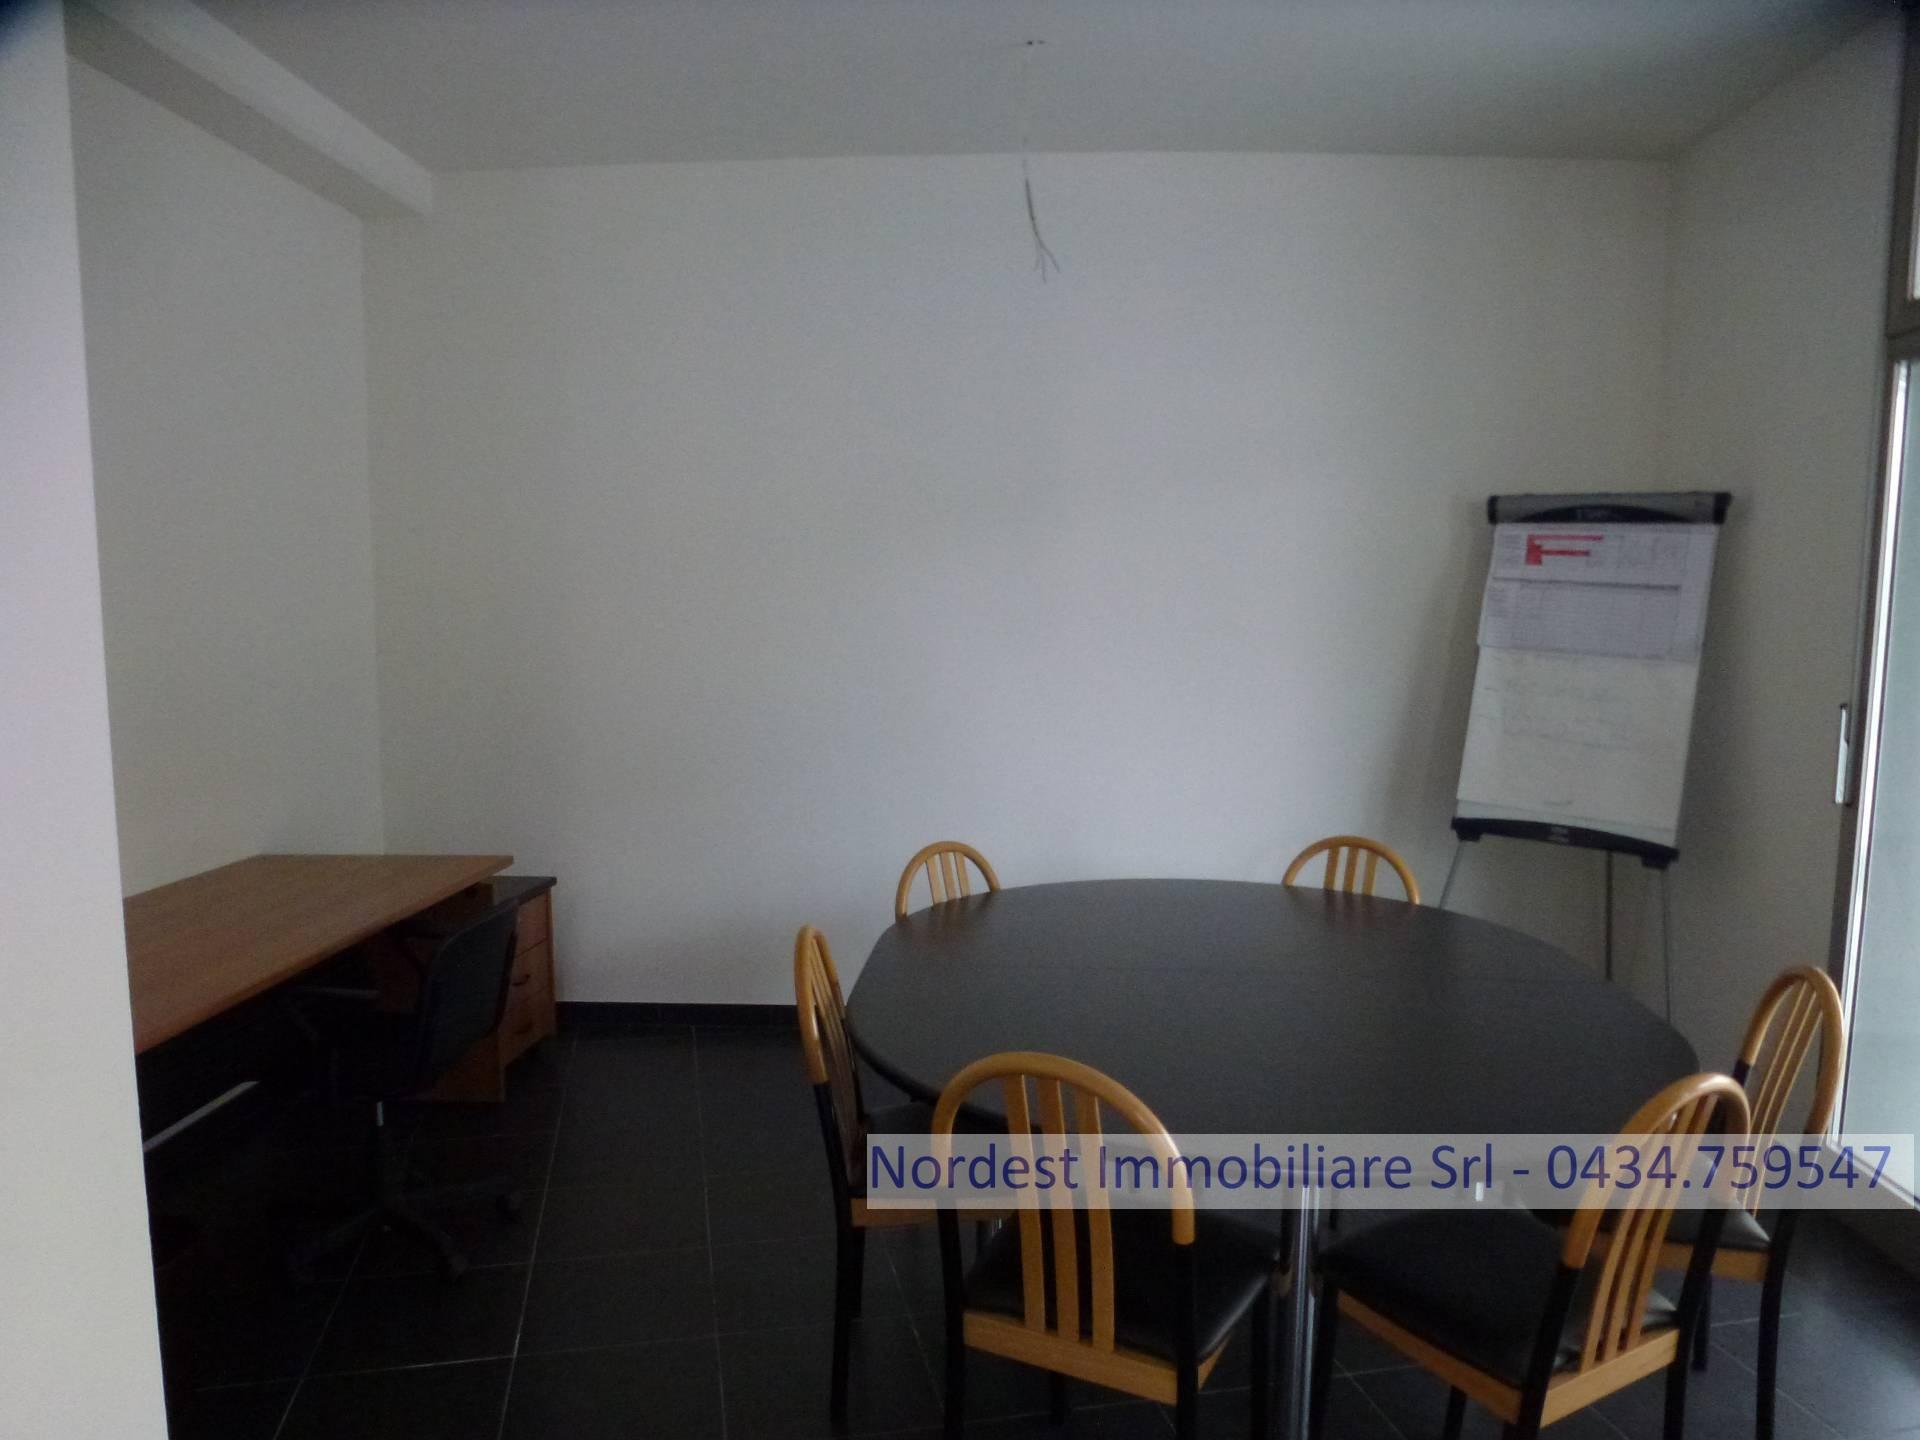 Ufficio / Studio in affitto a Mansuè, 9999 locali, prezzo € 50.000   CambioCasa.it